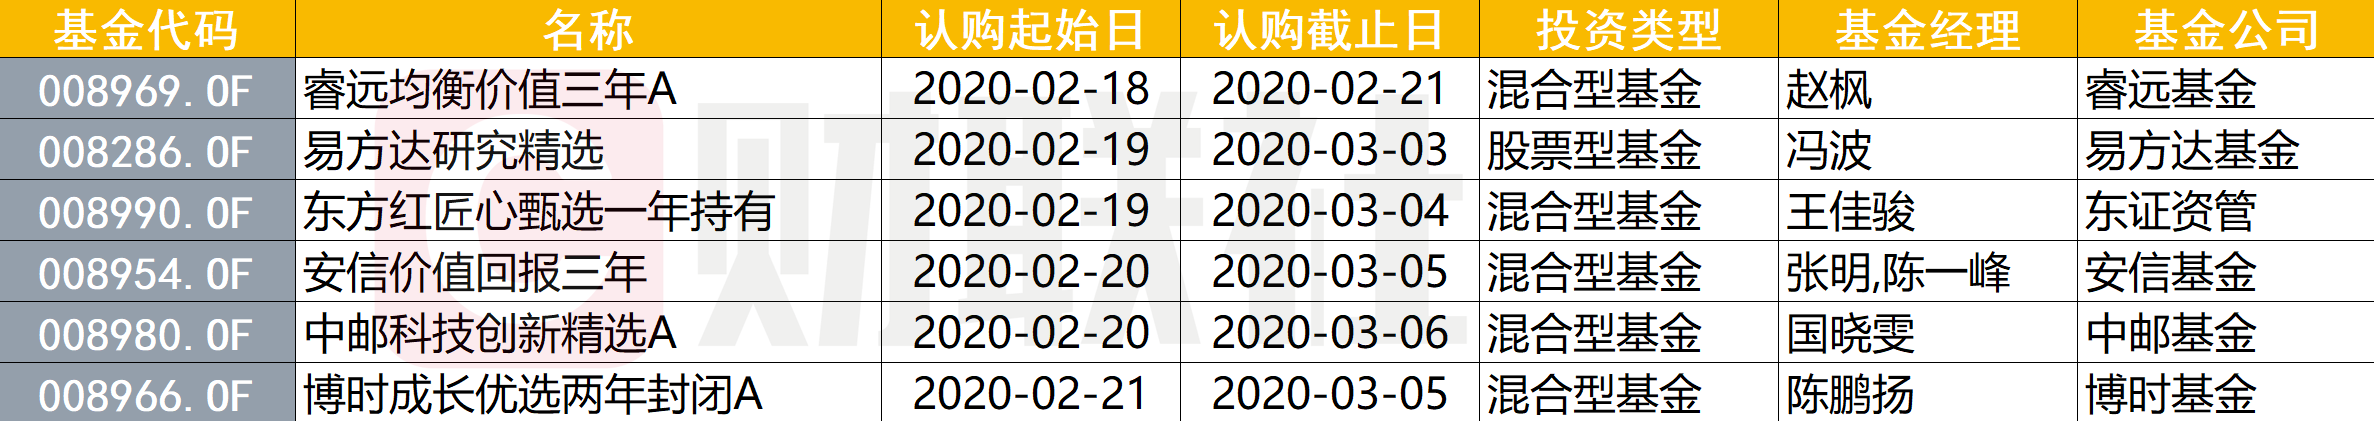 """""""一日售罄""""常态化:交银施罗德新基金斩获50亿,睿远""""吸金力""""即将揭晓"""